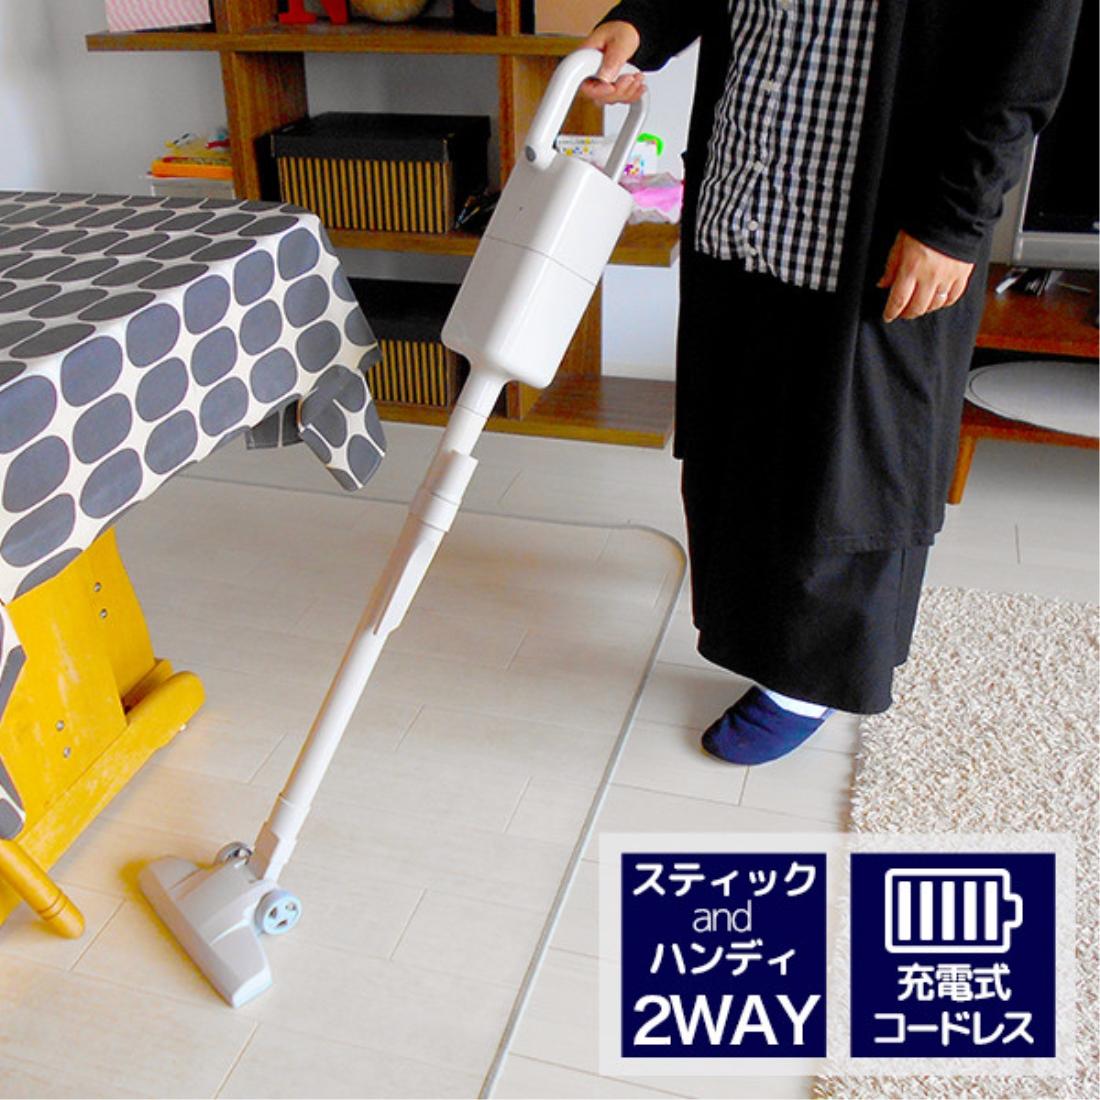 コードレスクリーナー【白】コードレス クリーナー 掃除機 ハンディ 掃除